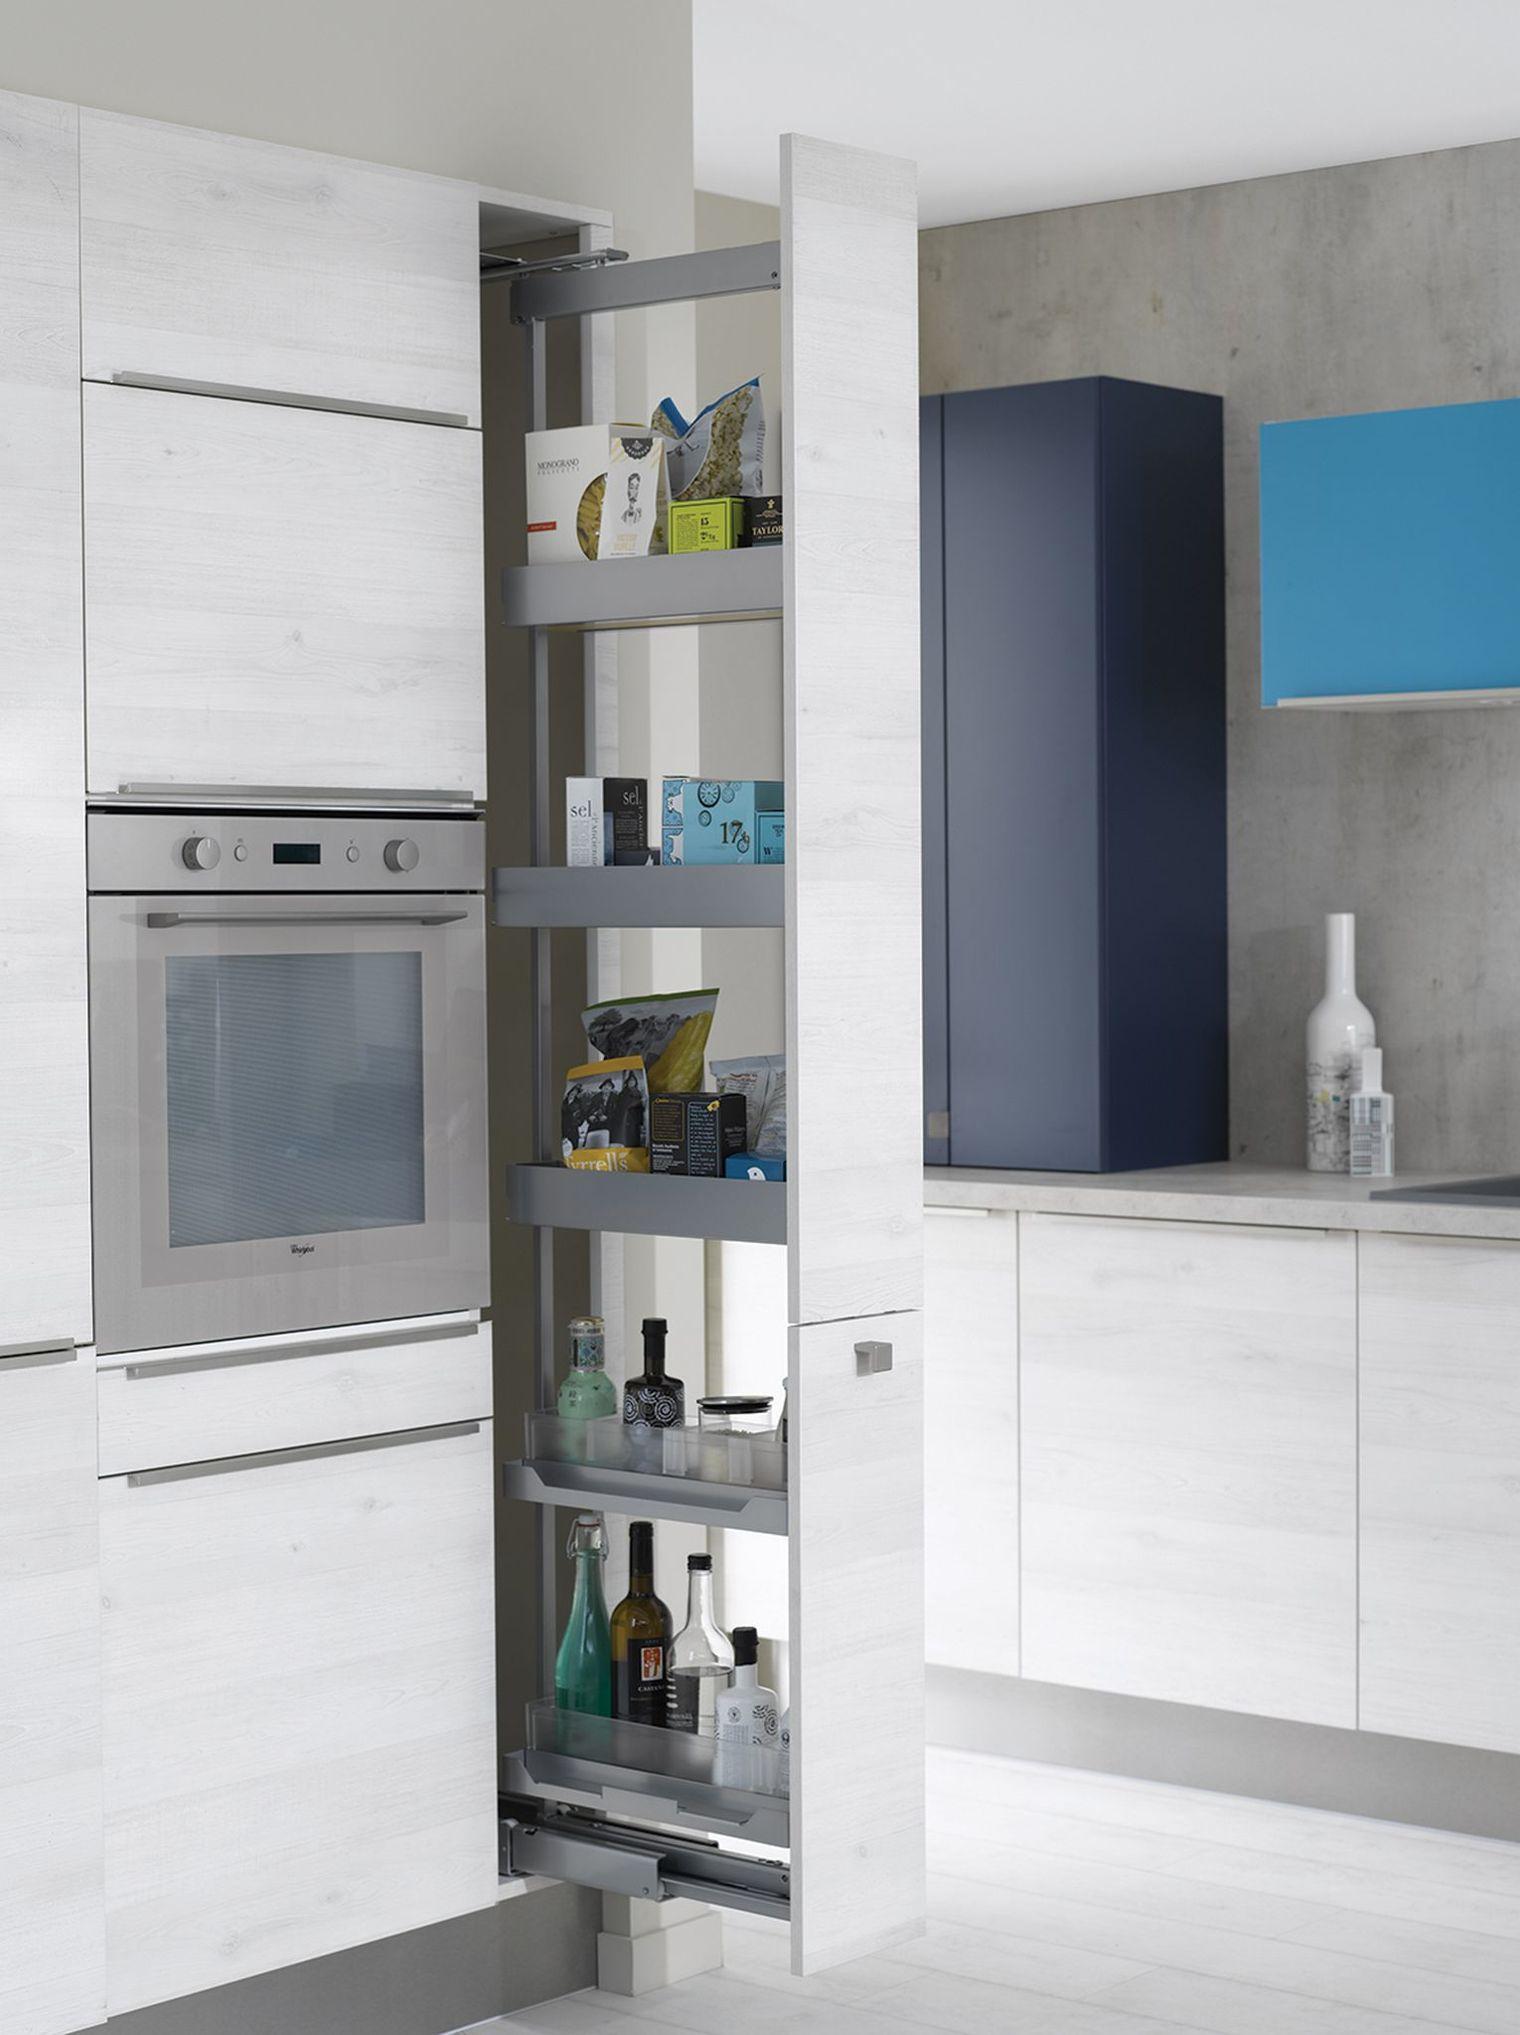 26 id es pour optimiser votre espace de rangement page 5 sur 5 des id es. Black Bedroom Furniture Sets. Home Design Ideas